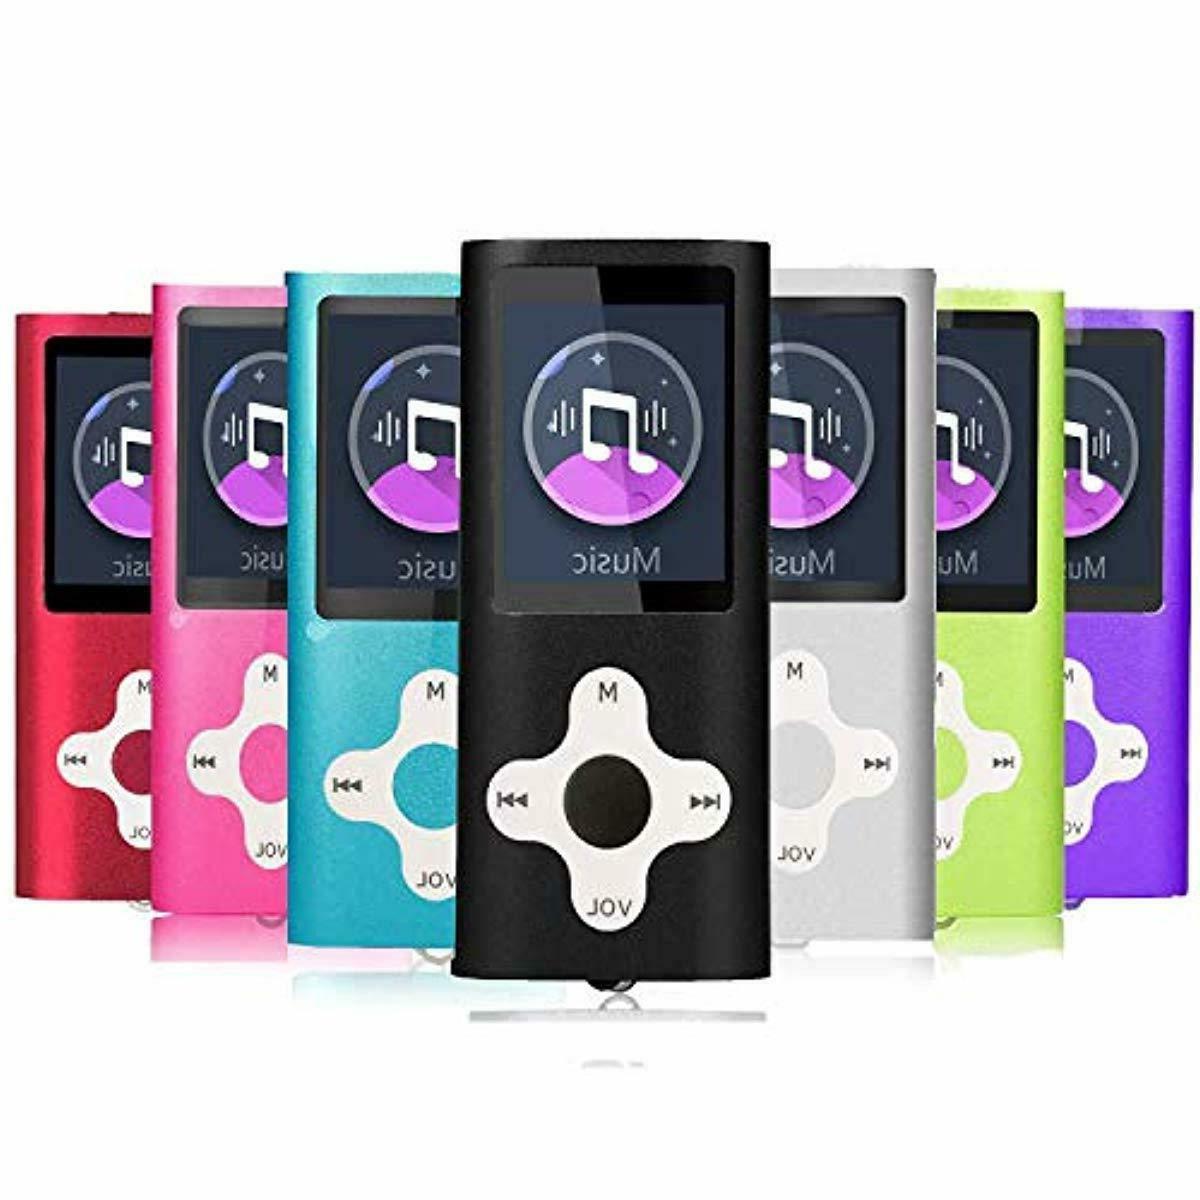 16 Memory Card Digital Music